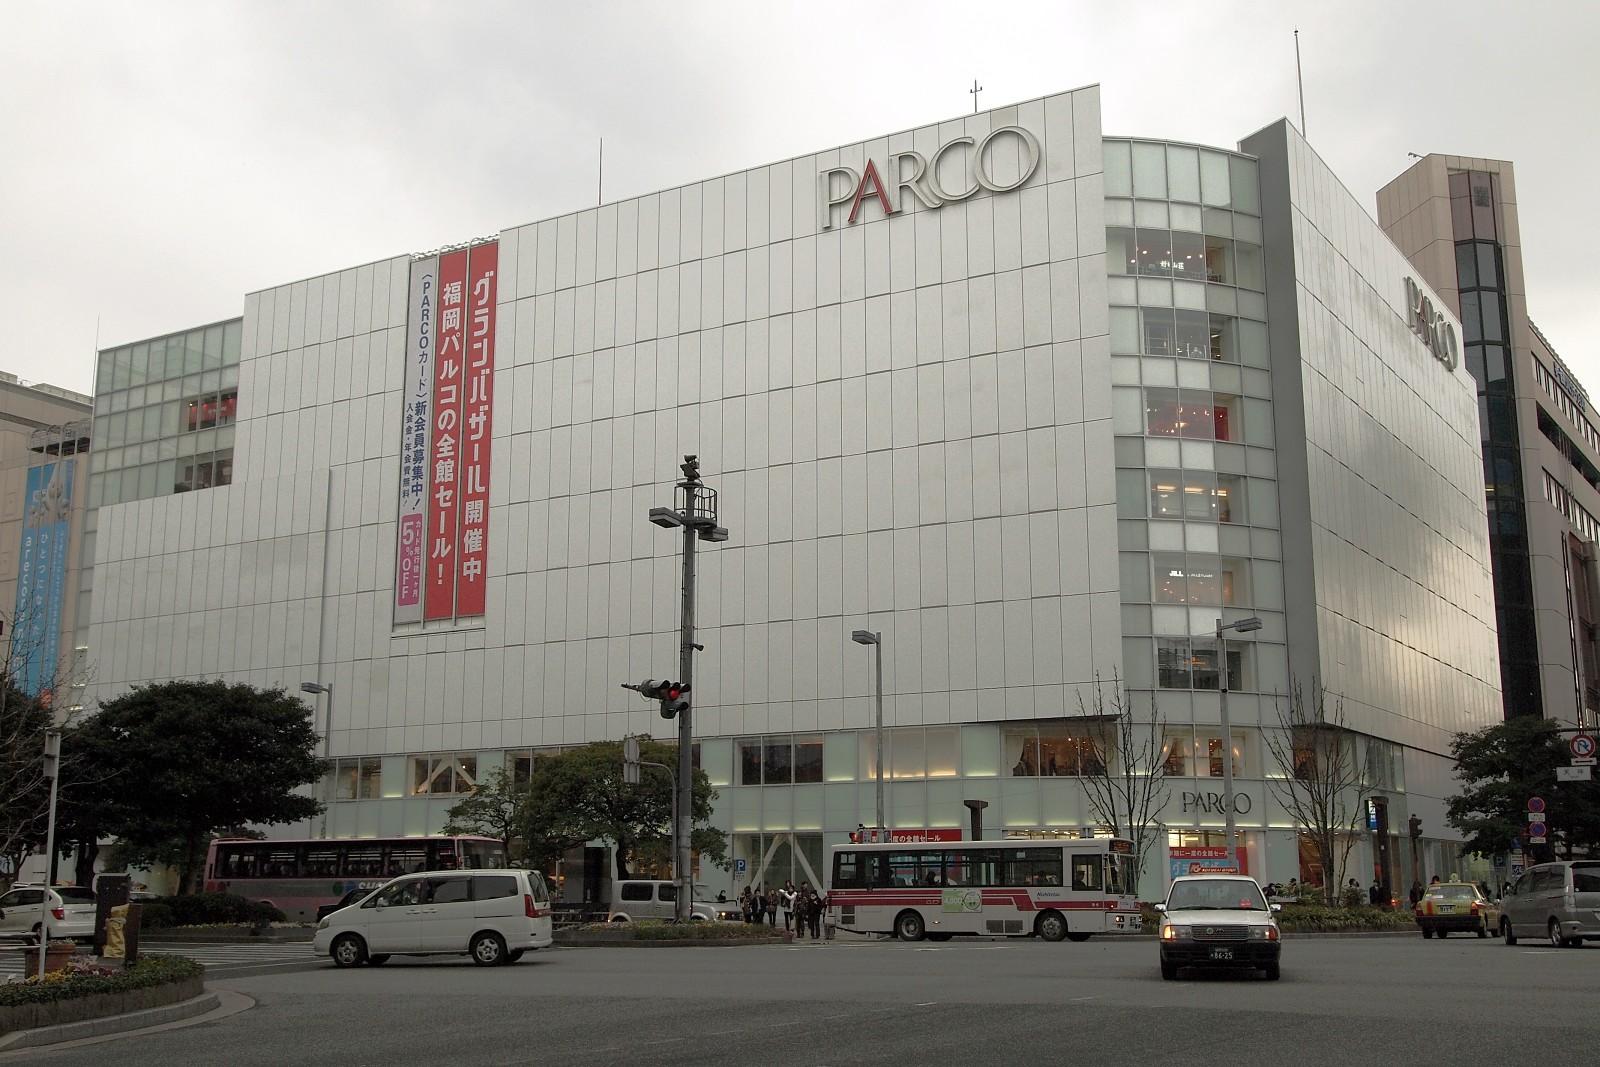 中洲・博多・天神のショッピングスポット 福岡PARCO